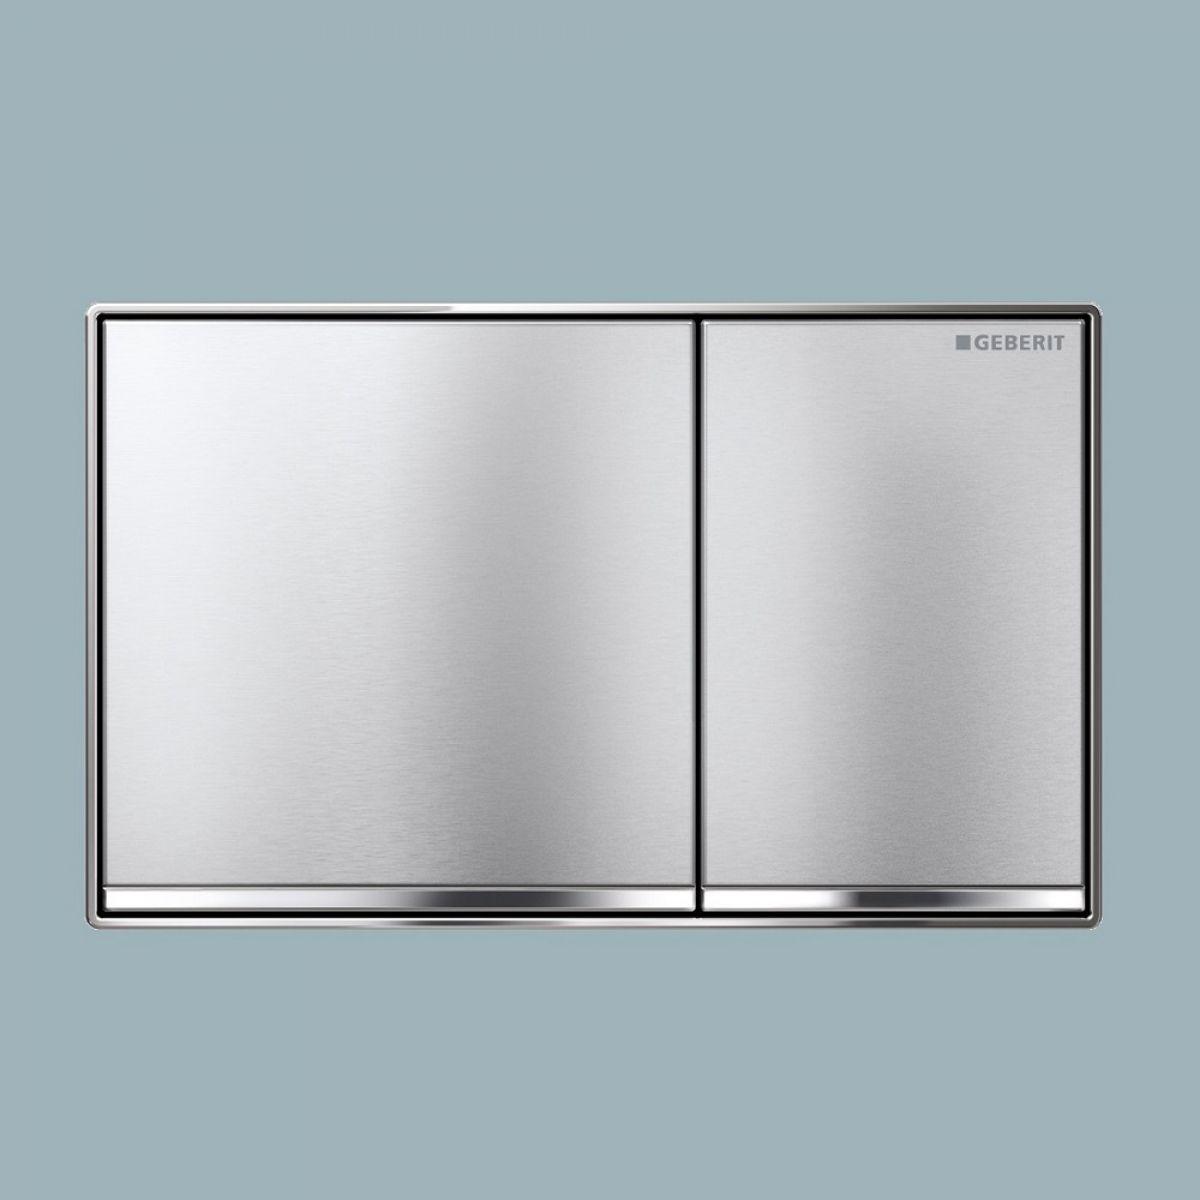 Geberit Omega 60 Flush Plate